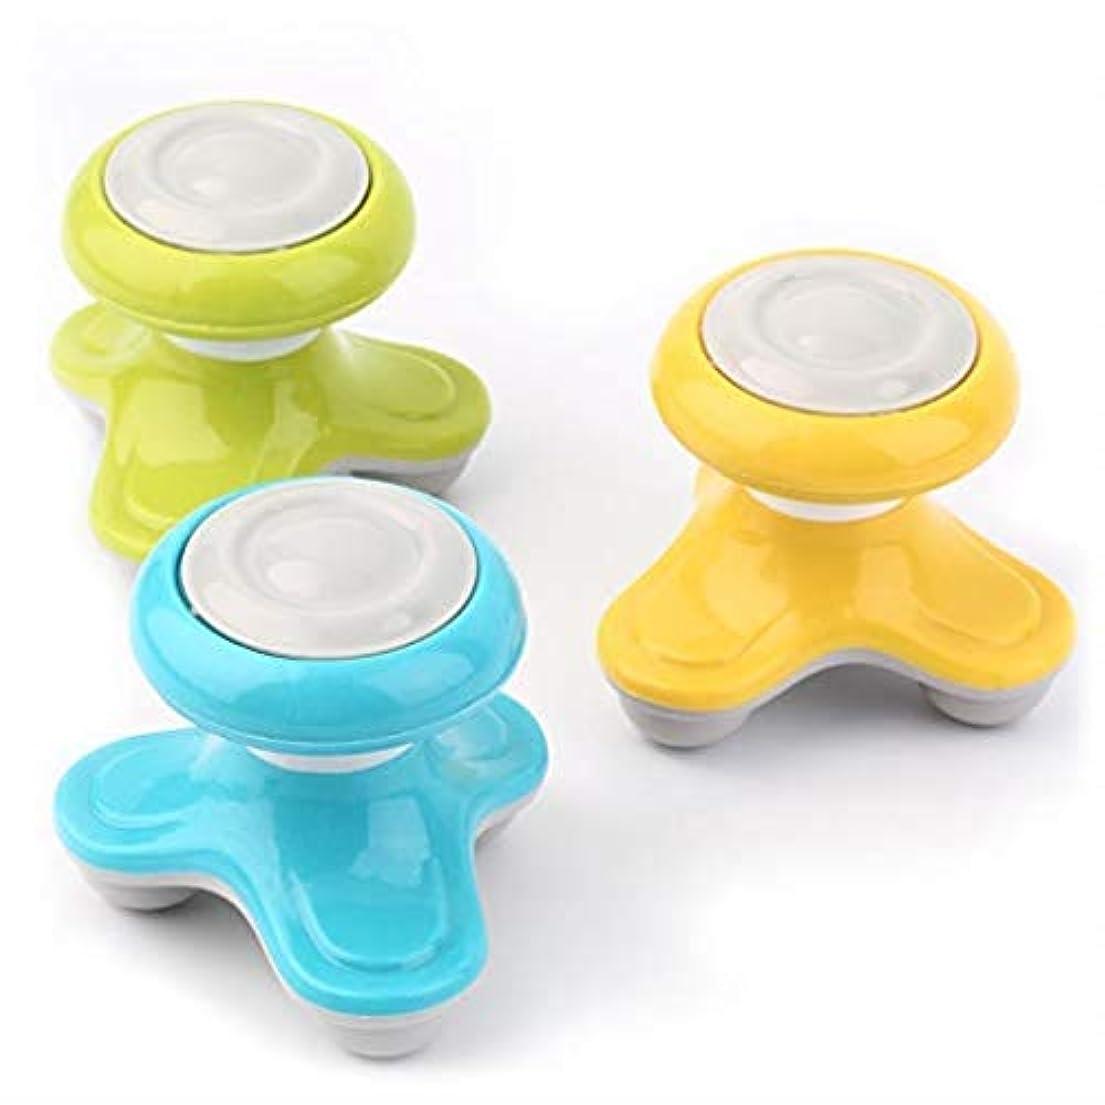 スイングつなぐ留め金マッサージャー、ミニ電動ハンドヘルドポータブルマッサージャー、波動振動ヘッドマッサージャー、USB充電およびバッテリー、頭、首、脚、手に適し、体全体で使用可能 (Color : 青)